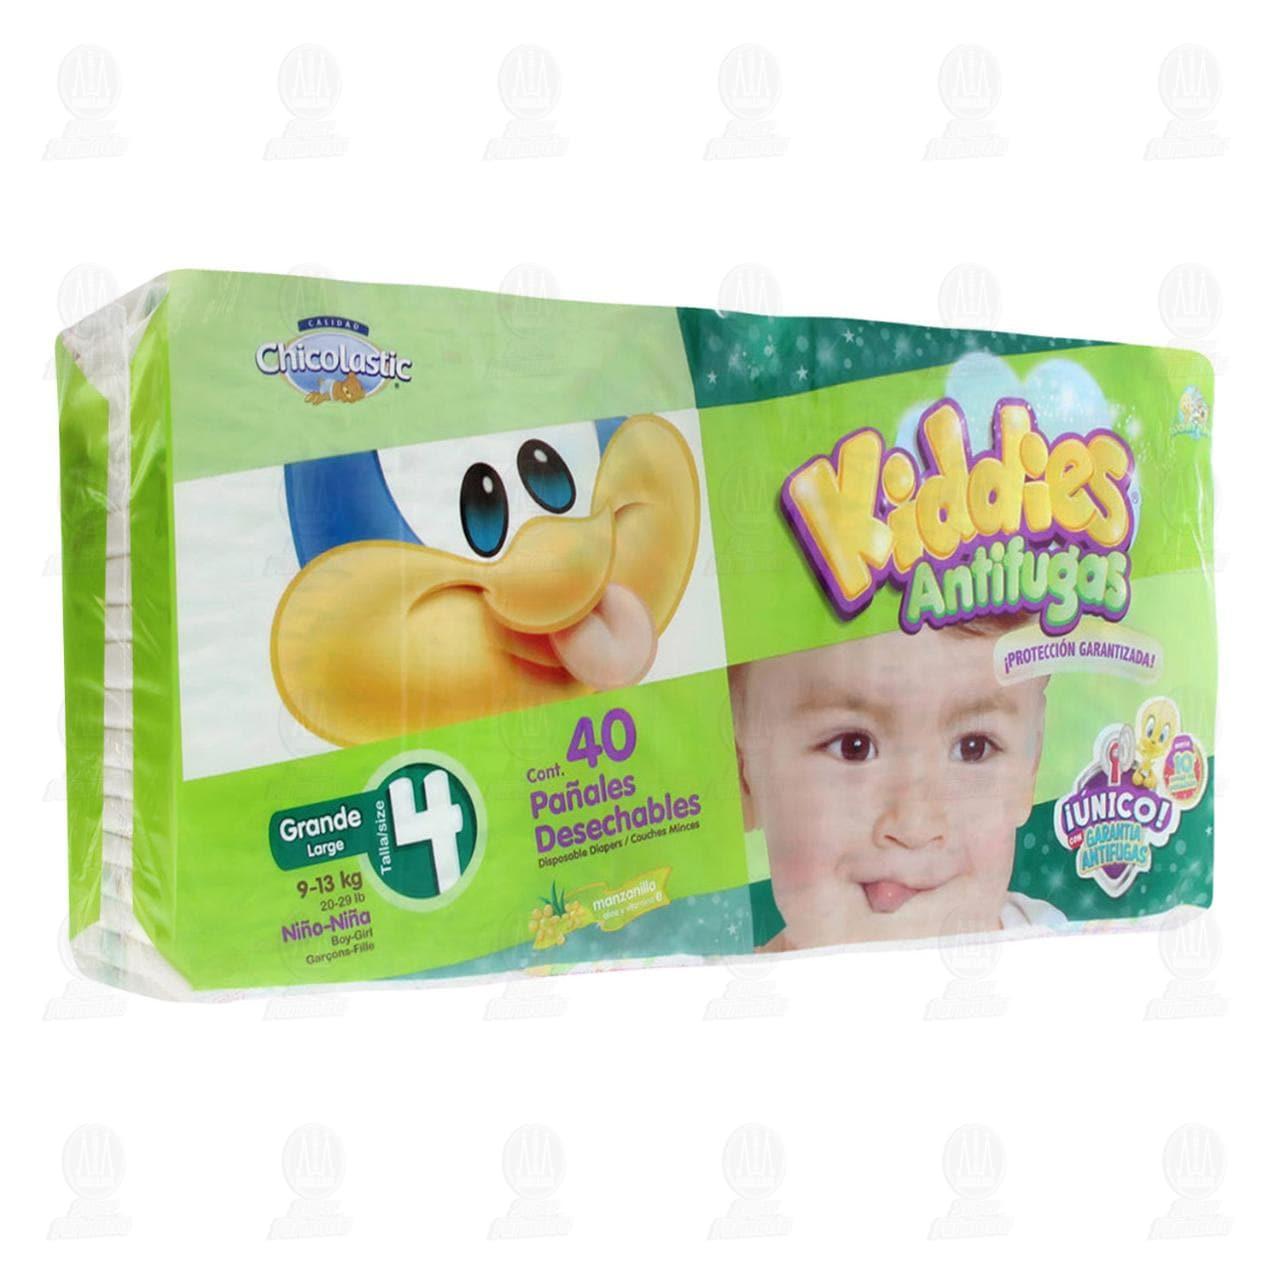 Comprar Pañales para Bebé Chicolastic Kiddies Antifugas Talla 4 G, 40 pzas. en Farmacias Guadalajara